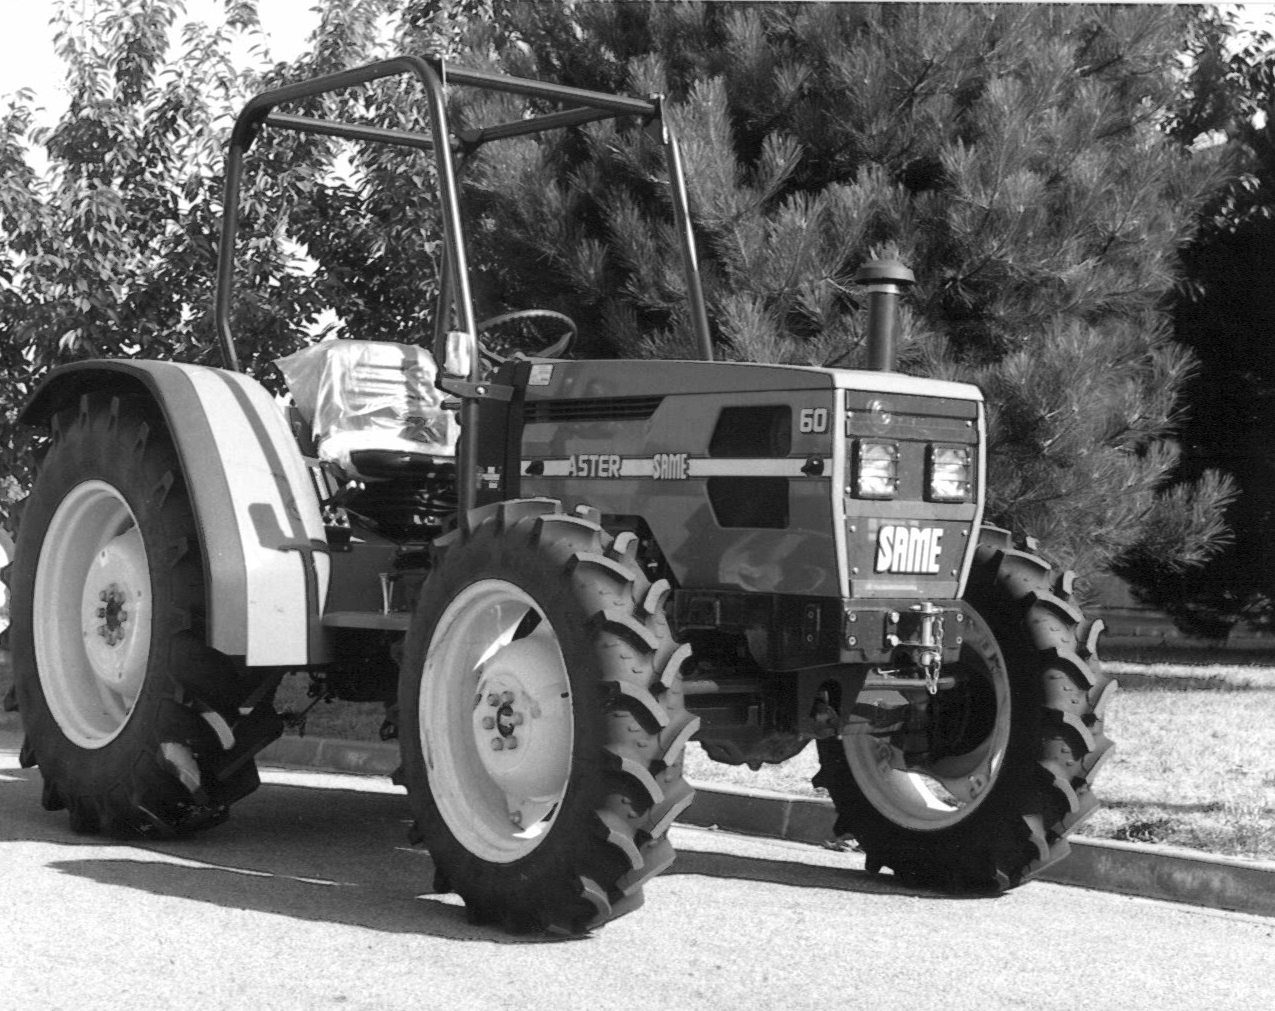 Trattore SAME Aster 60 con le 4 ruote motrici